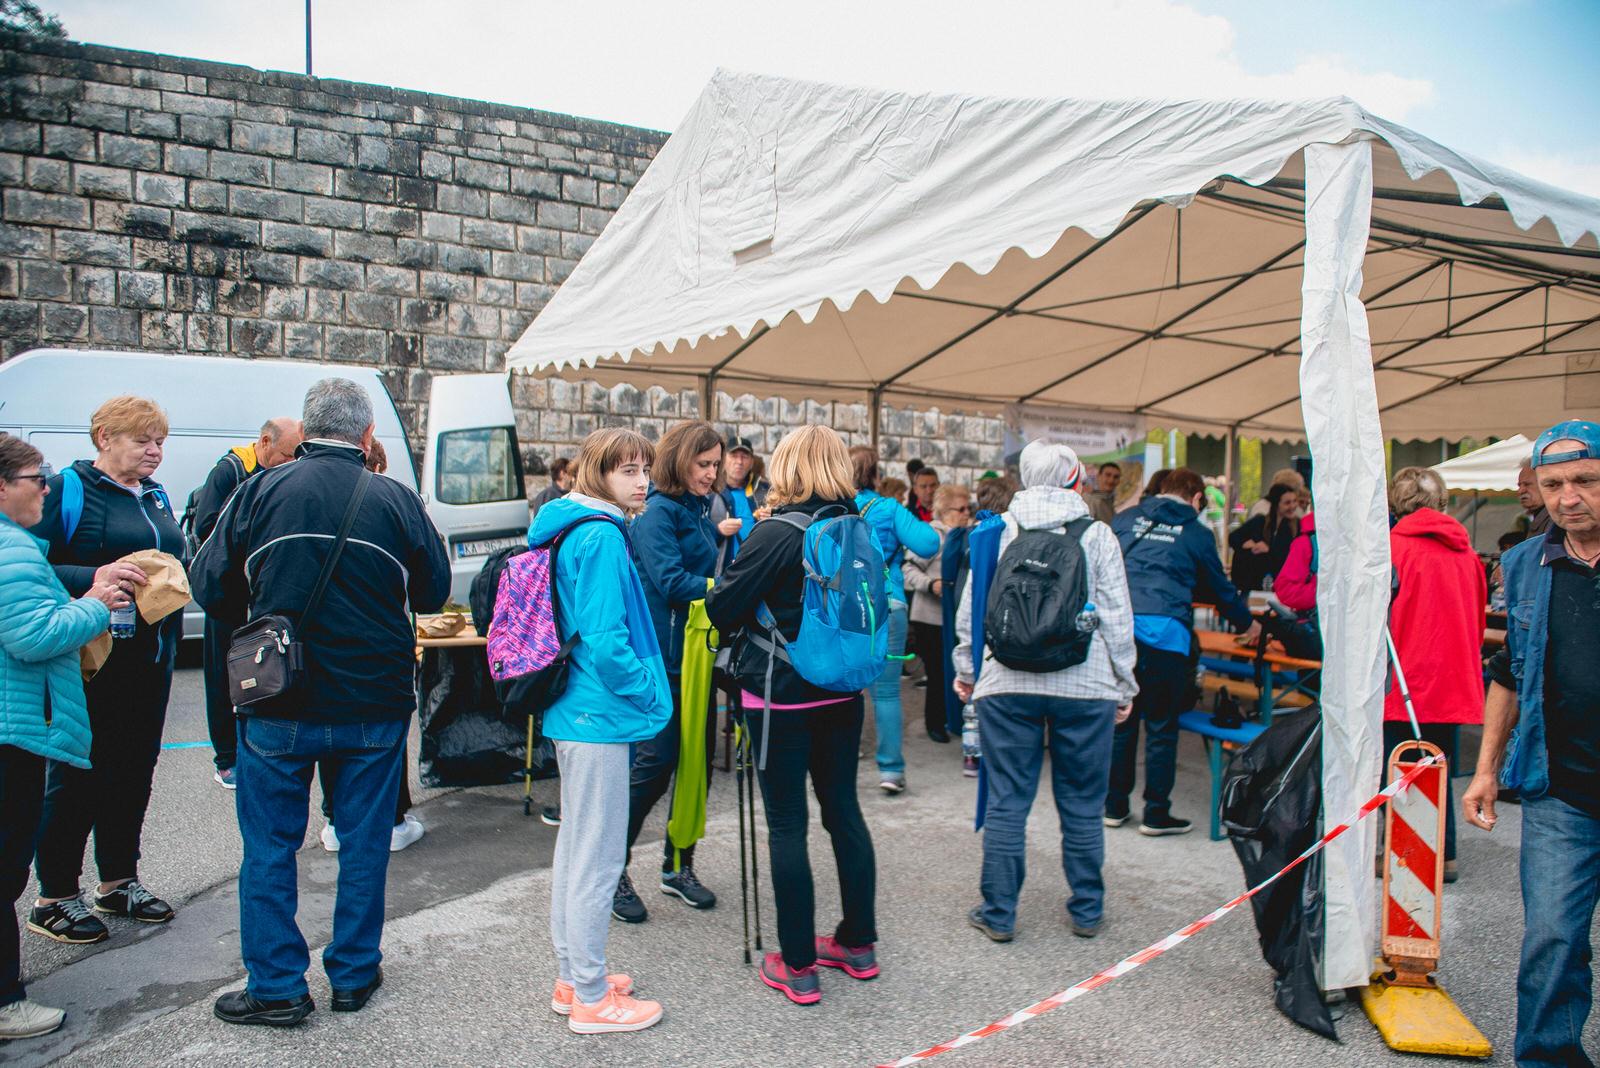 likaclub_slunj_rastoke_5-festival-nordijskog-hodanja_2019-13